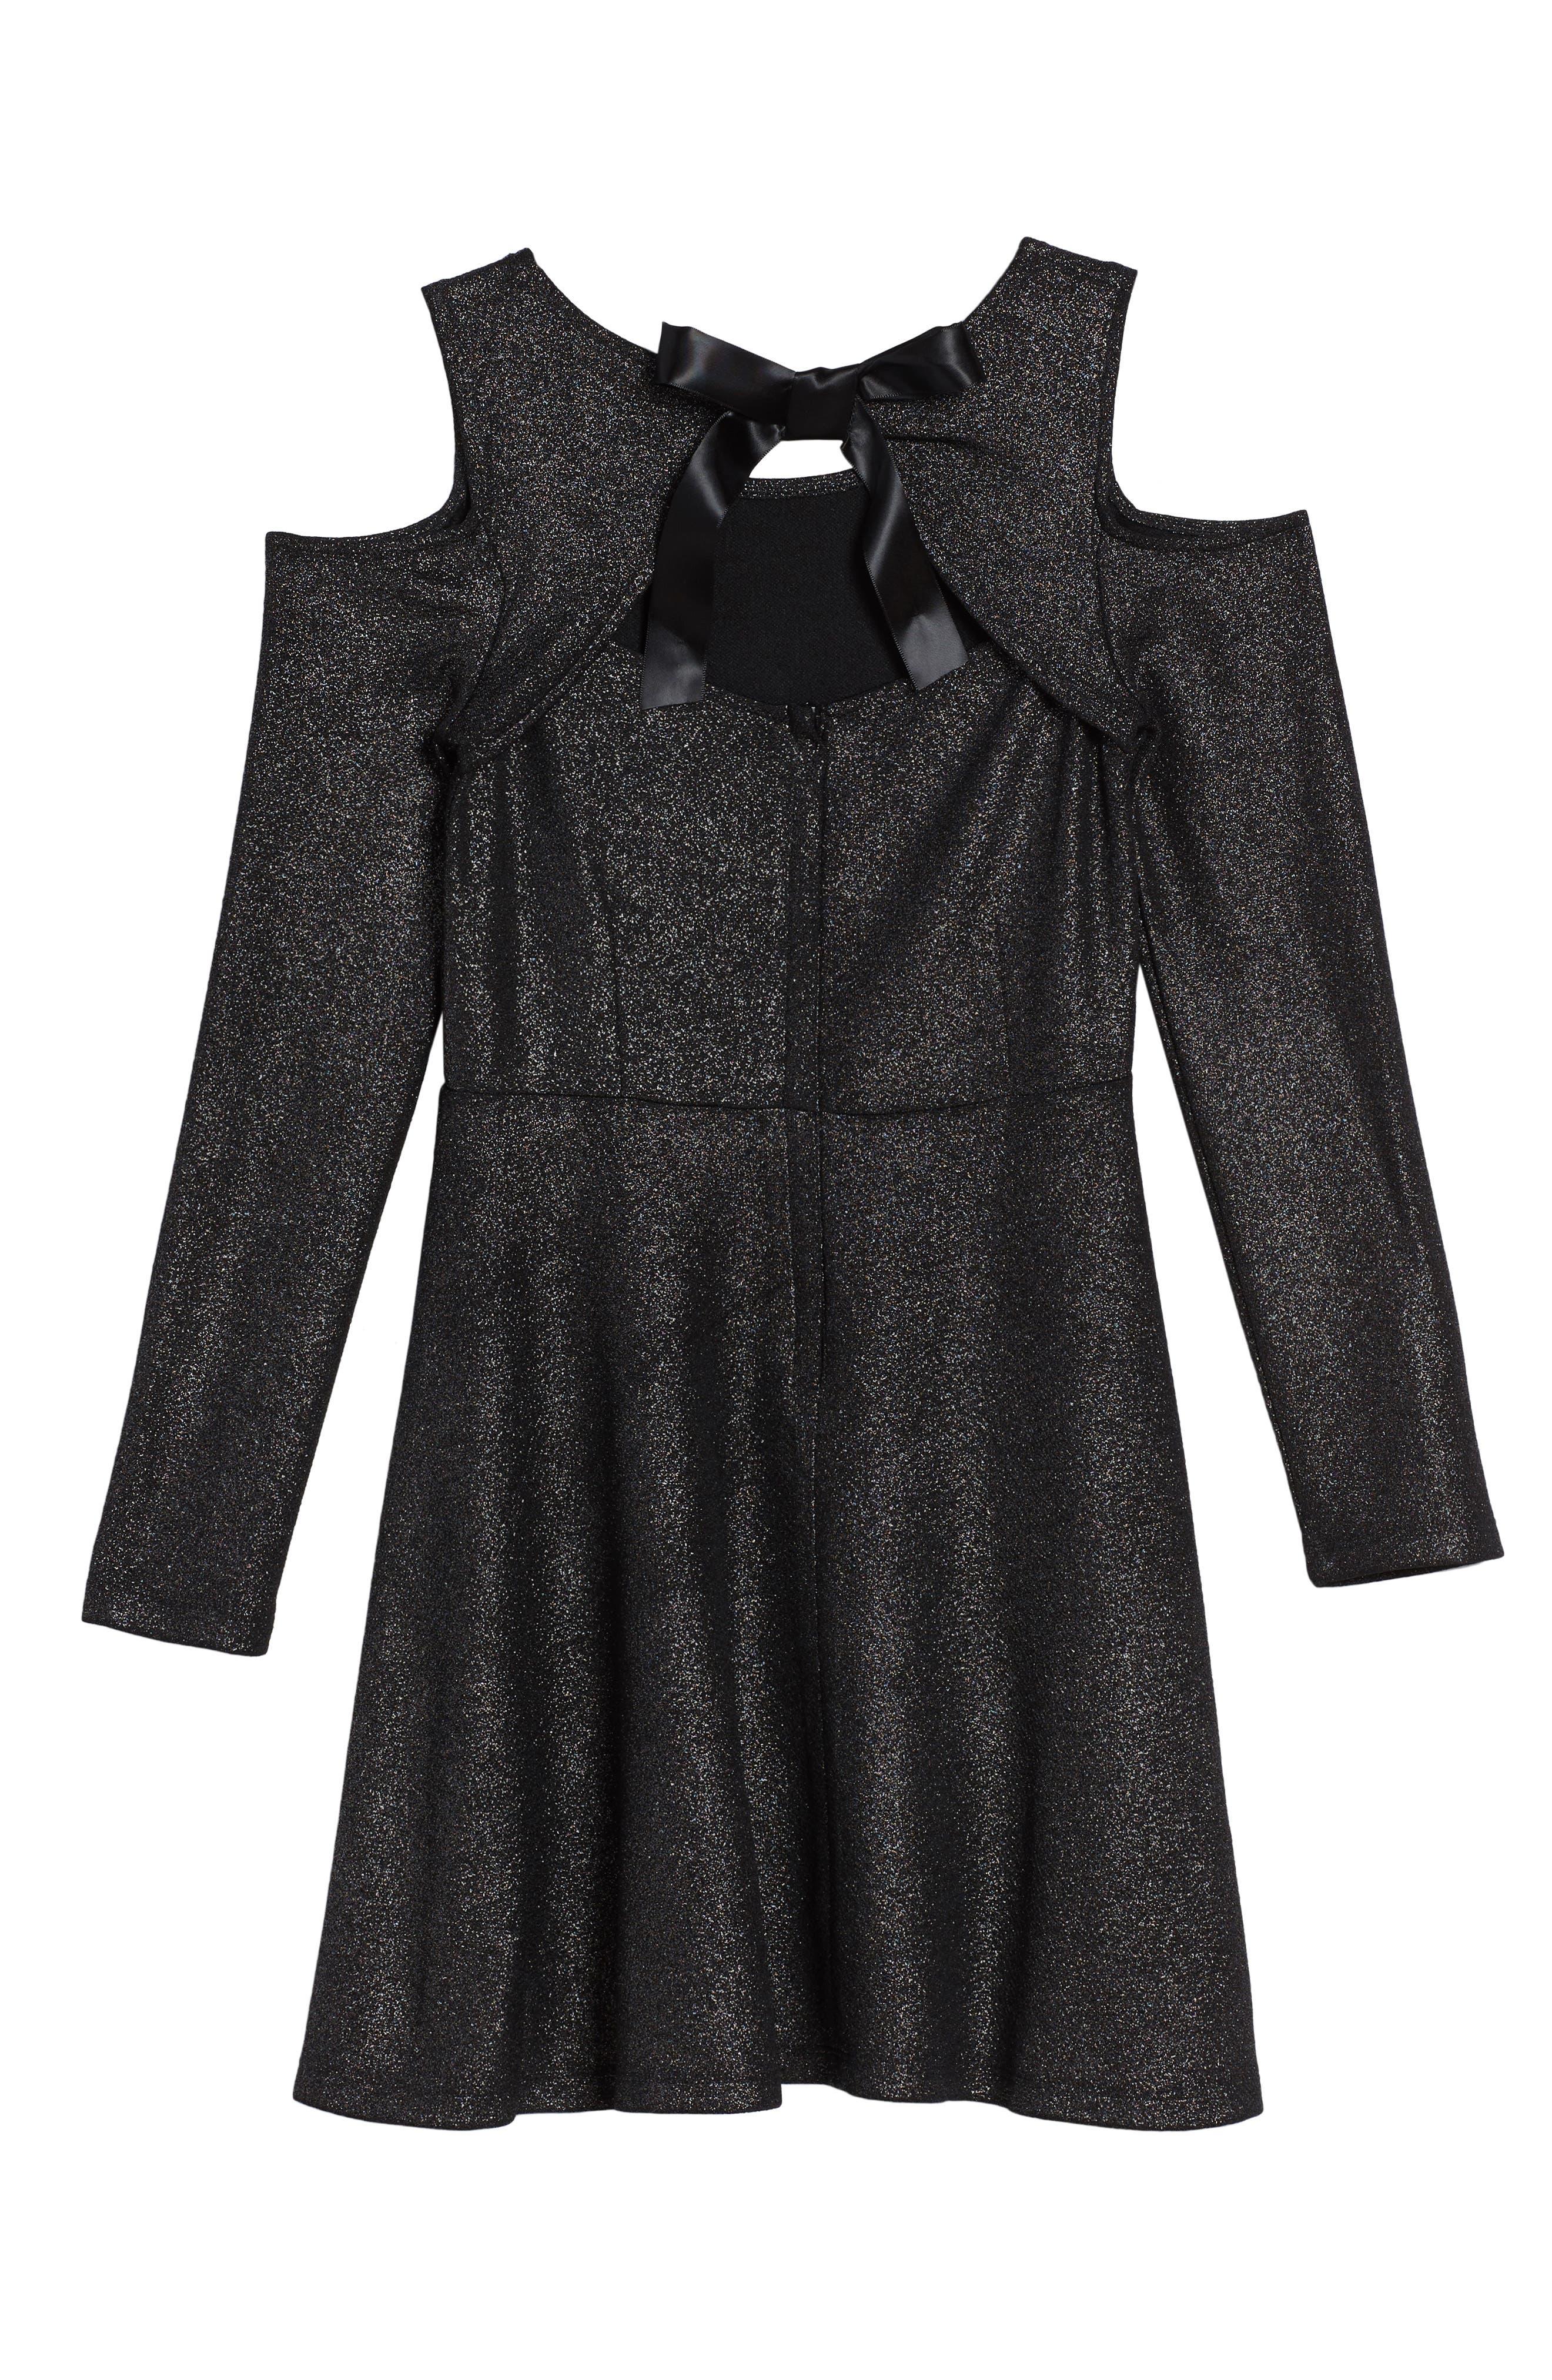 Alternate Image 2  - bebe Sparkle Knit Cold Shoulder Dress (Big Girls)